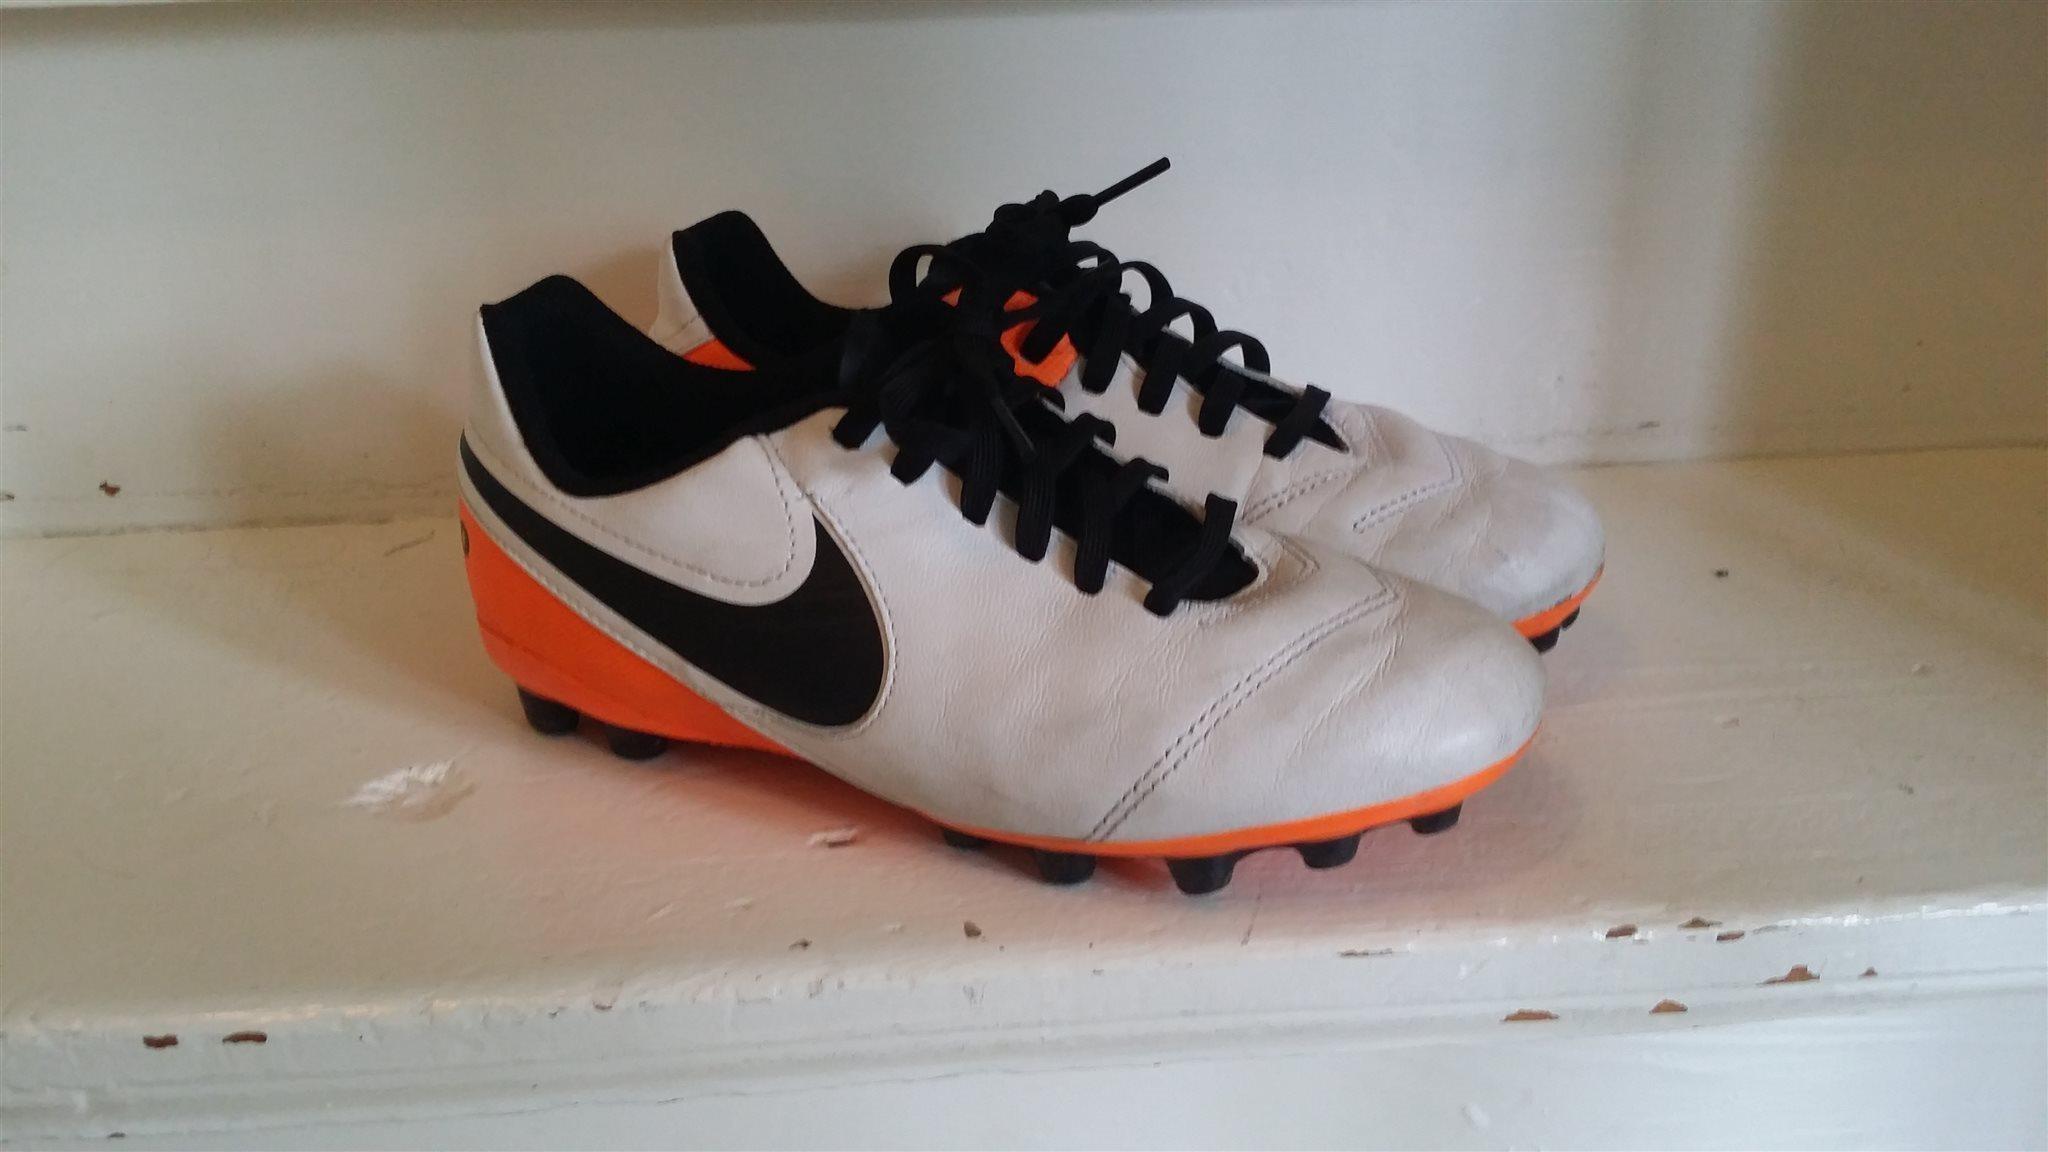 Nike tiempo fotbollsskor konstgräs i stl 35.5 (.. (341780491) ᐈ Köp ... e66d12dadc4be